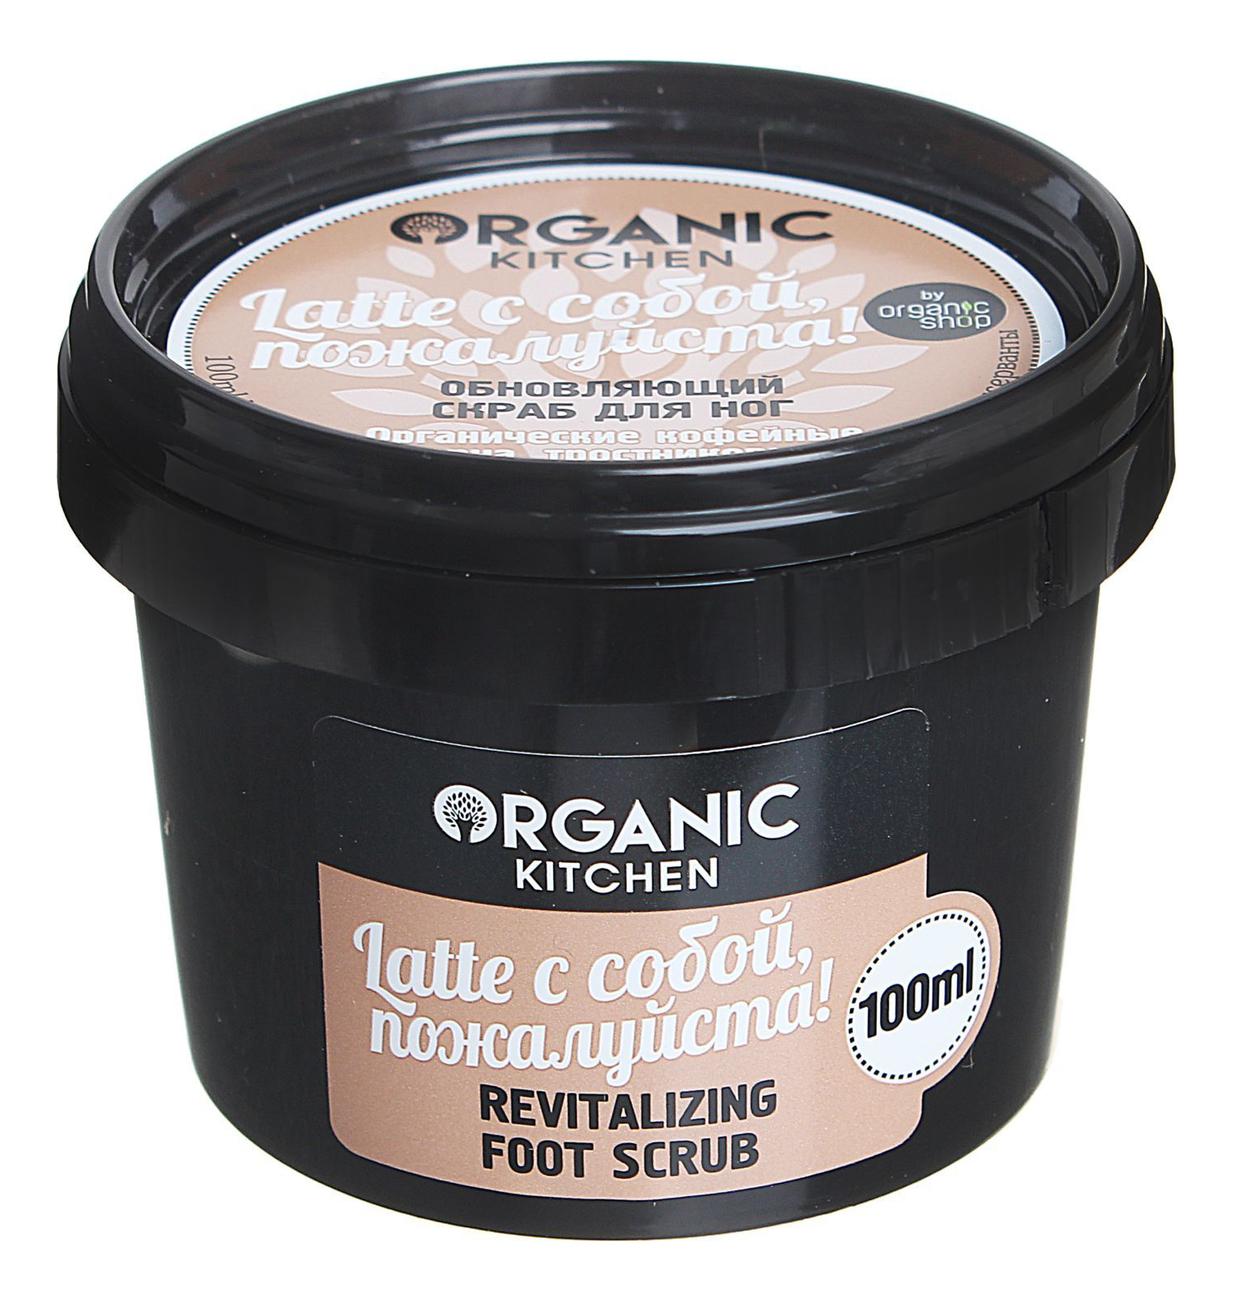 Обновляющий скраб для ног Latte с собой, пожалуйста Organic Kitchen Organic Kitchen 100мл